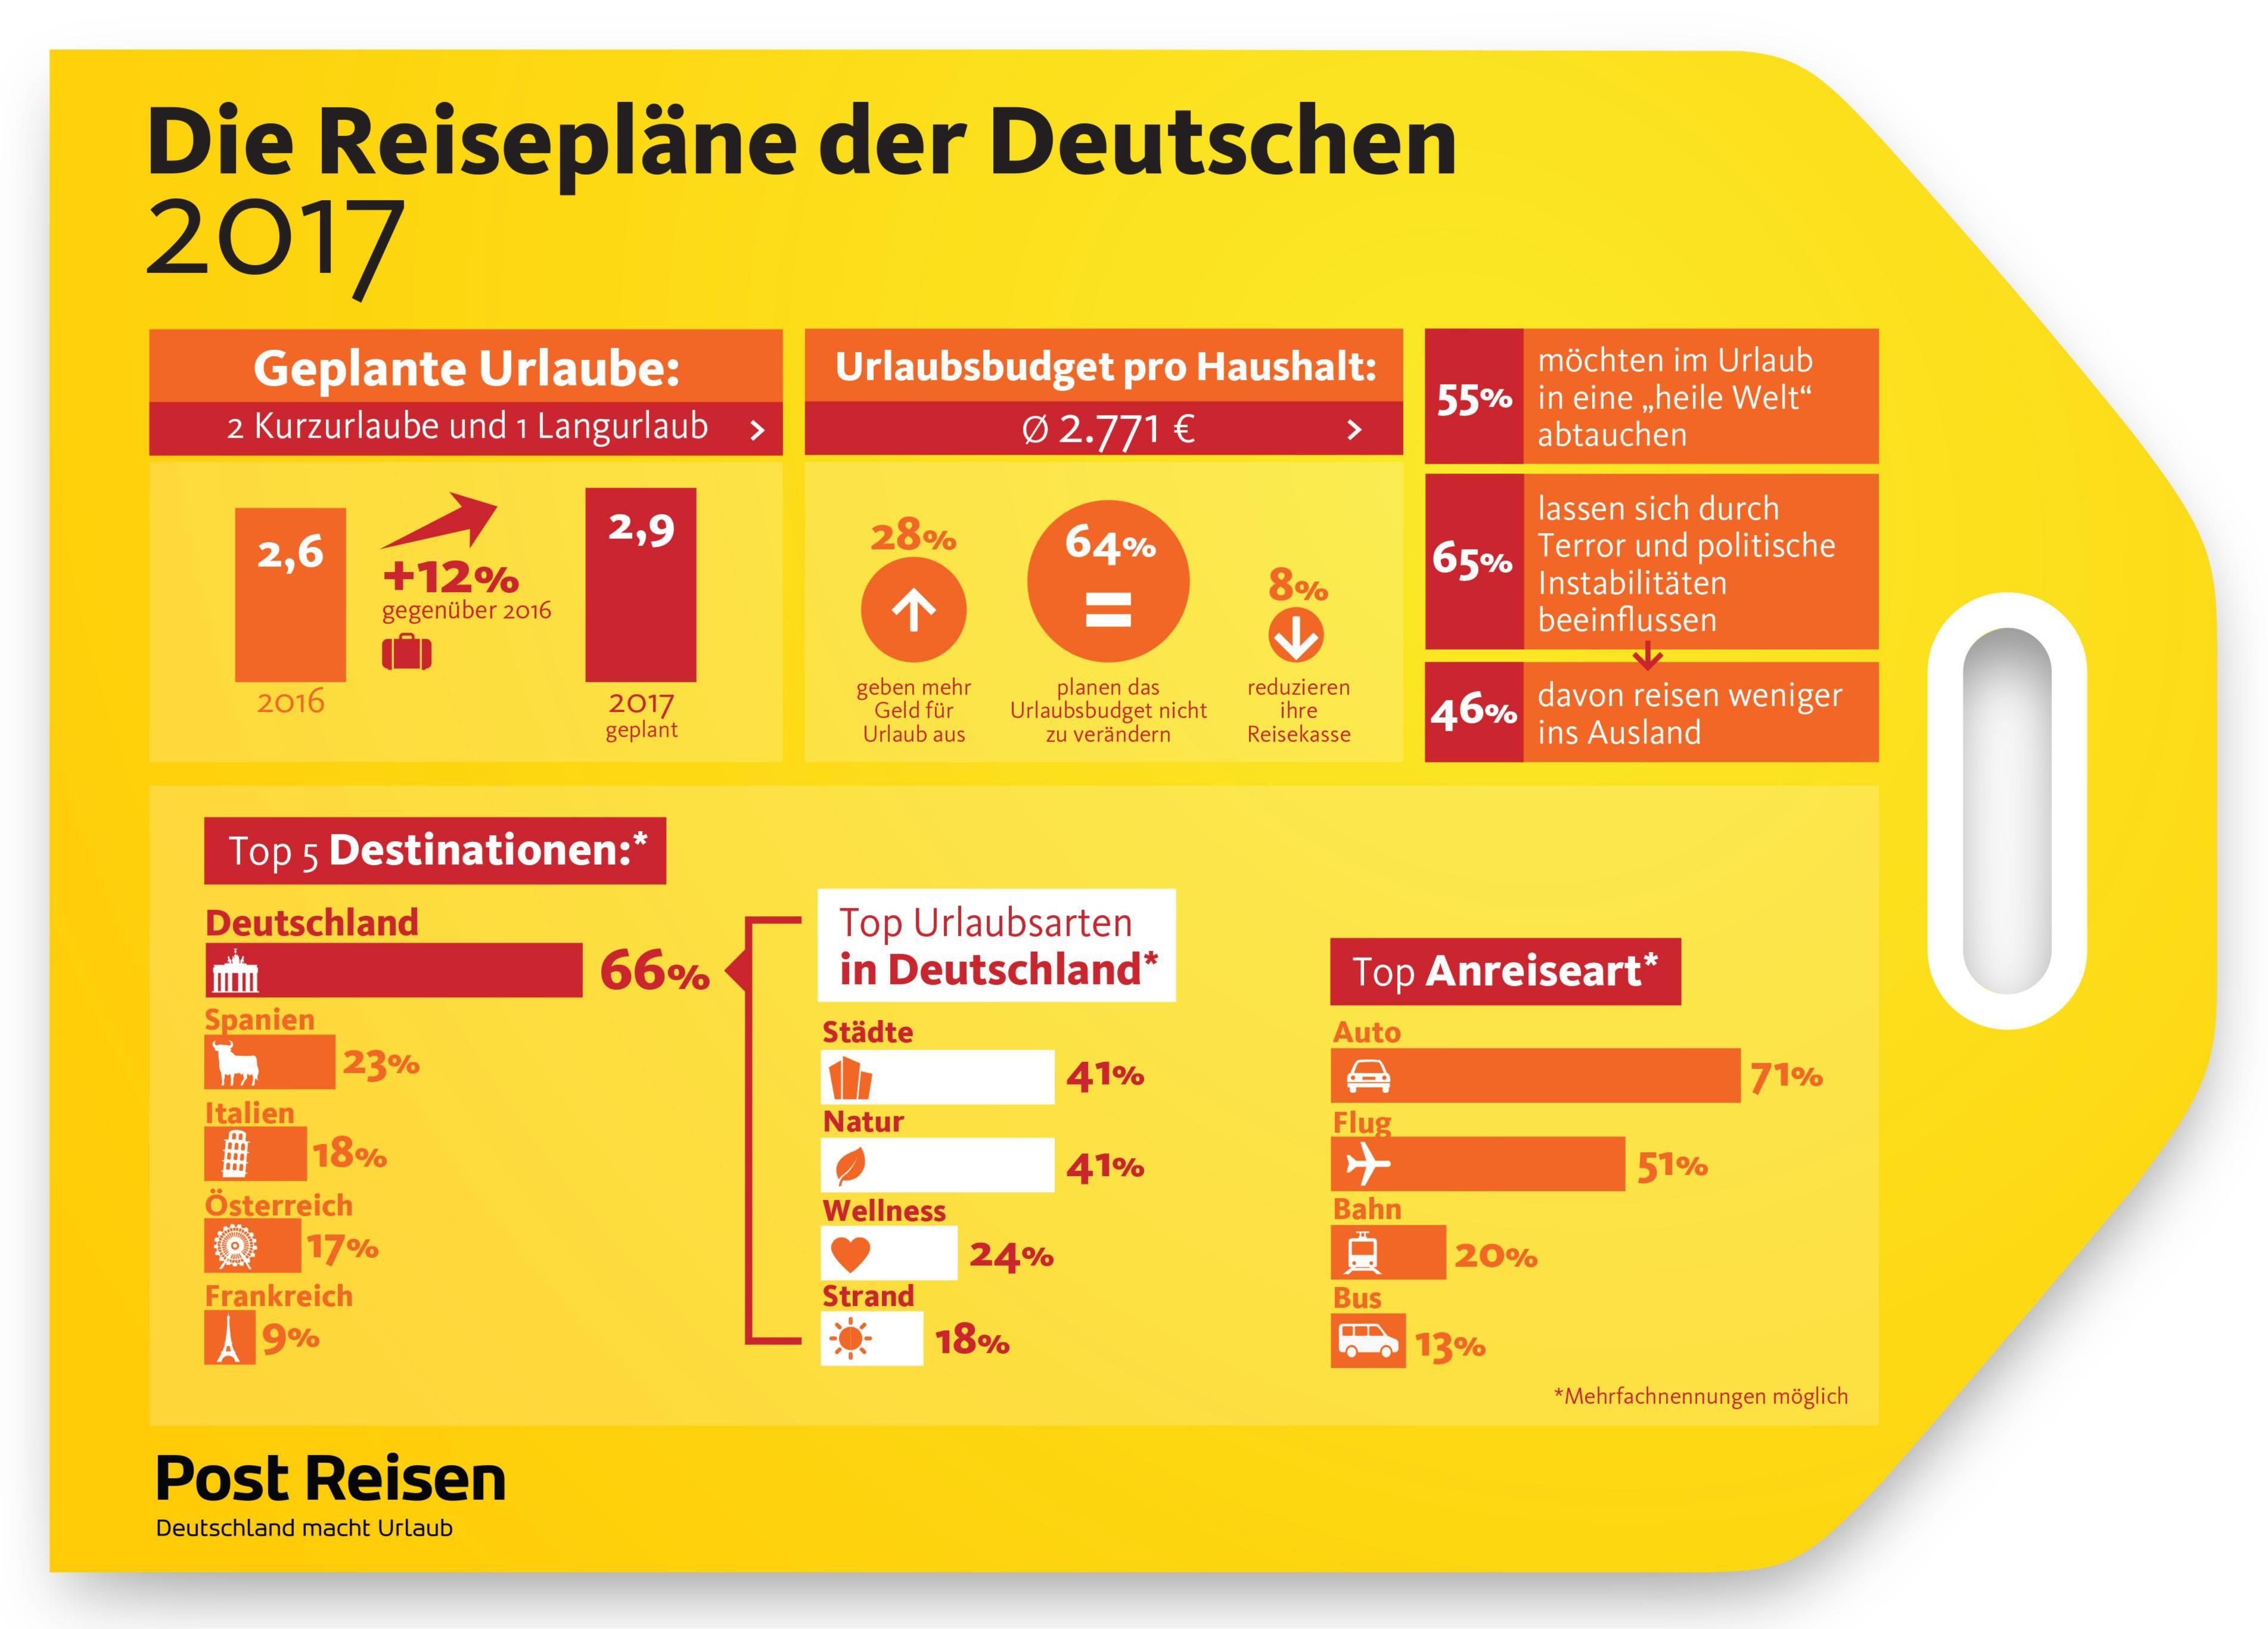 Safety first: Deutsche bevorzugen Urlaub in der Heimat / Reiselust ungebrochen: Erste regionale repräsentative Reiseumfrage von Post Reisen zeigt, dass die Deutschen 2017 mehr verreisen wollen